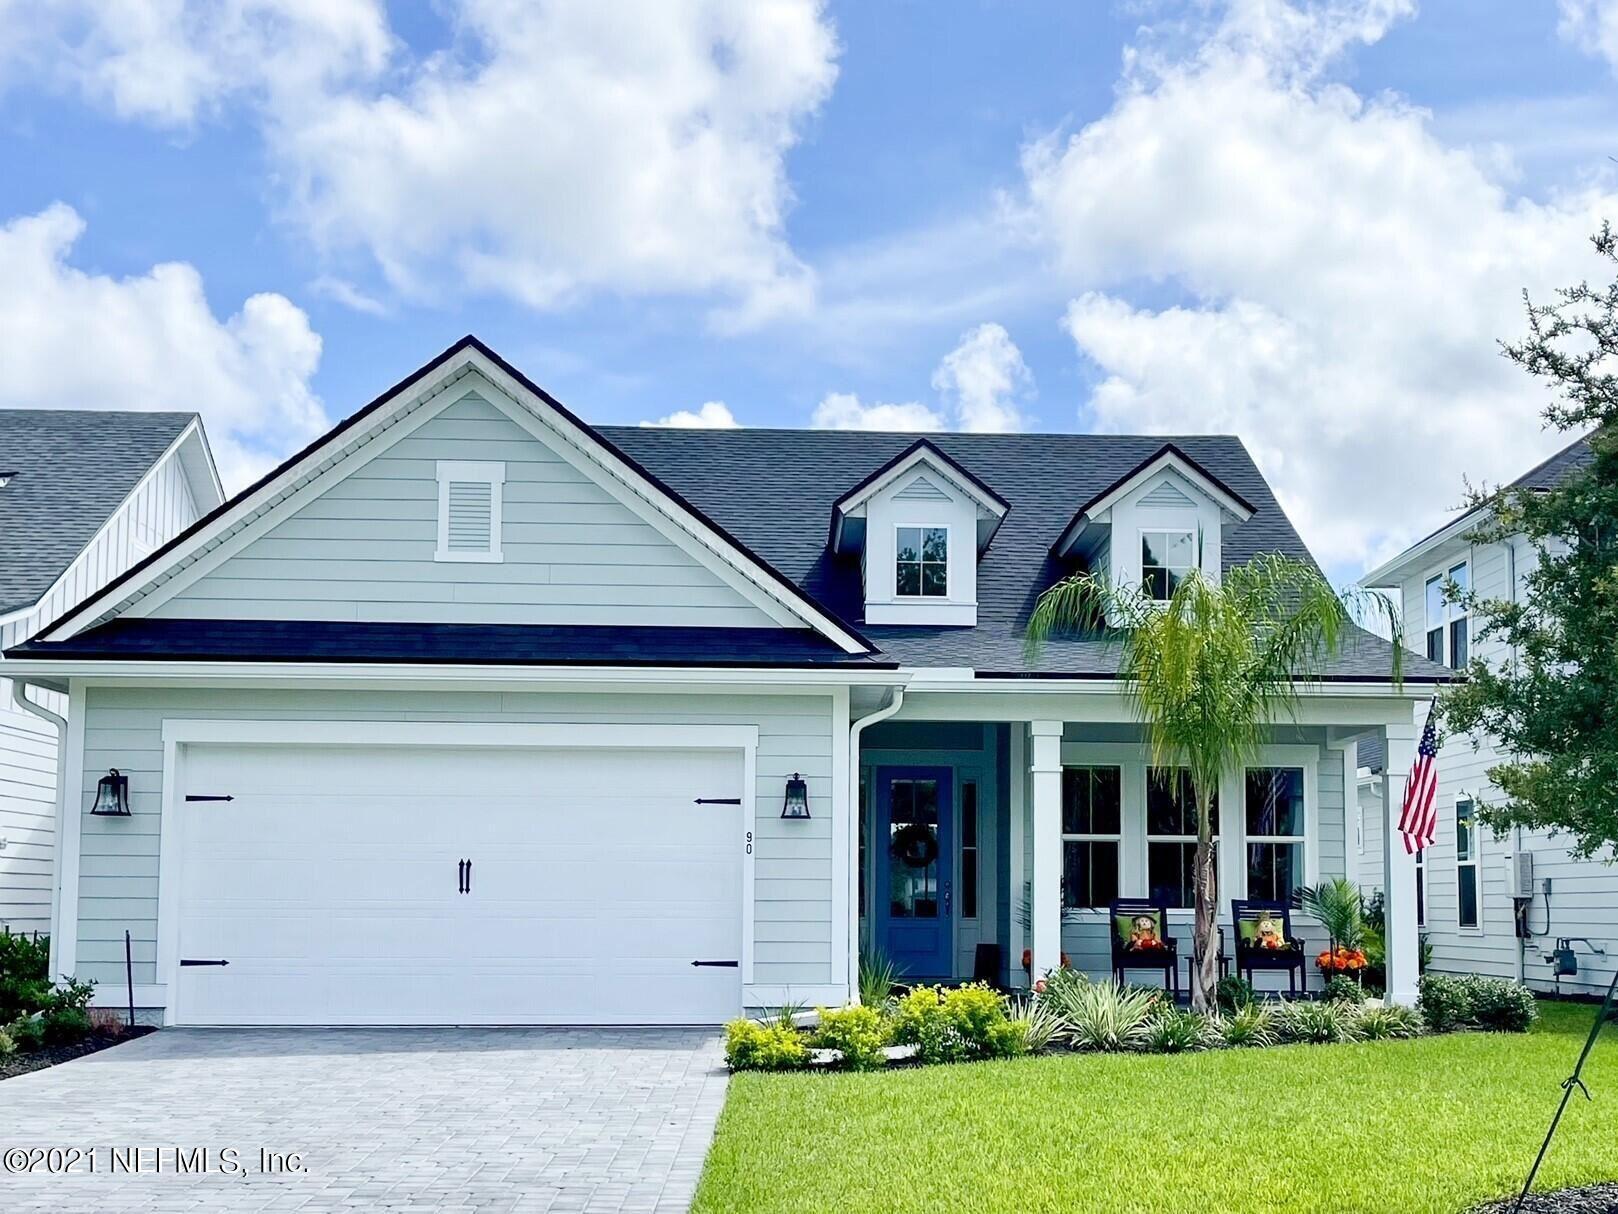 39 TARBERT LN #Lot No: 253, Saint Augustine, FL 32092 - MLS#: 1122354